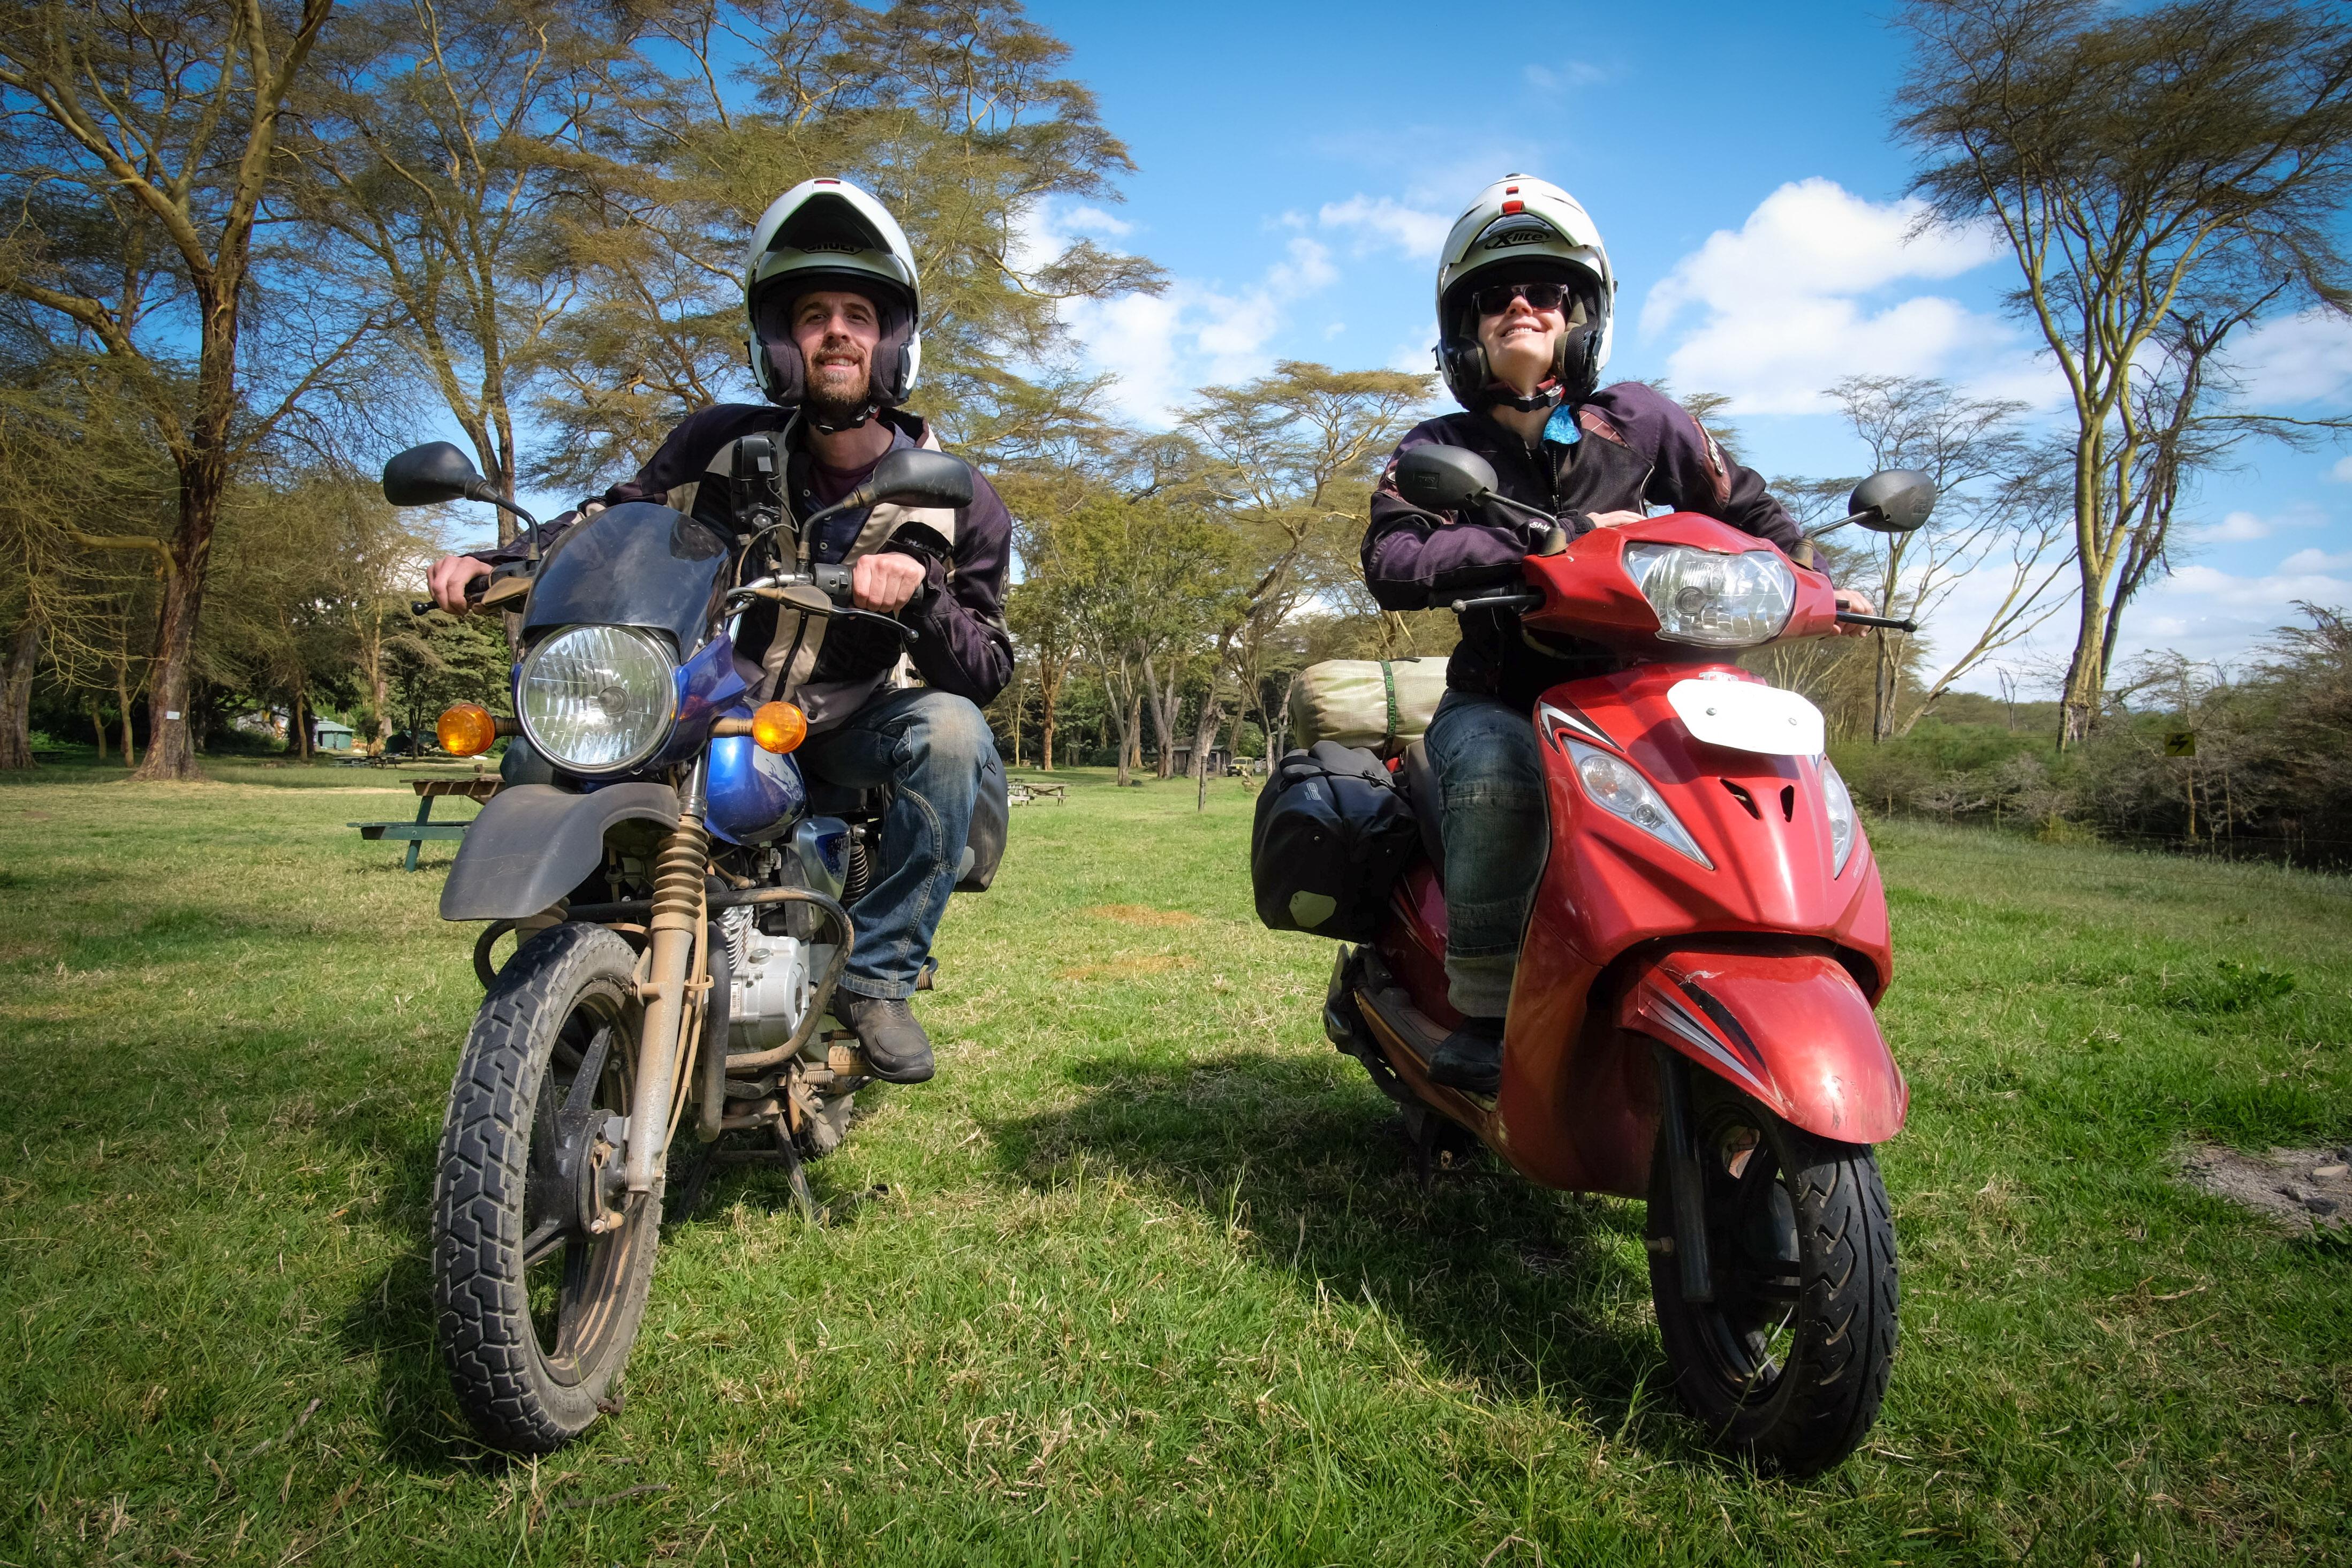 Kenia Mopeds